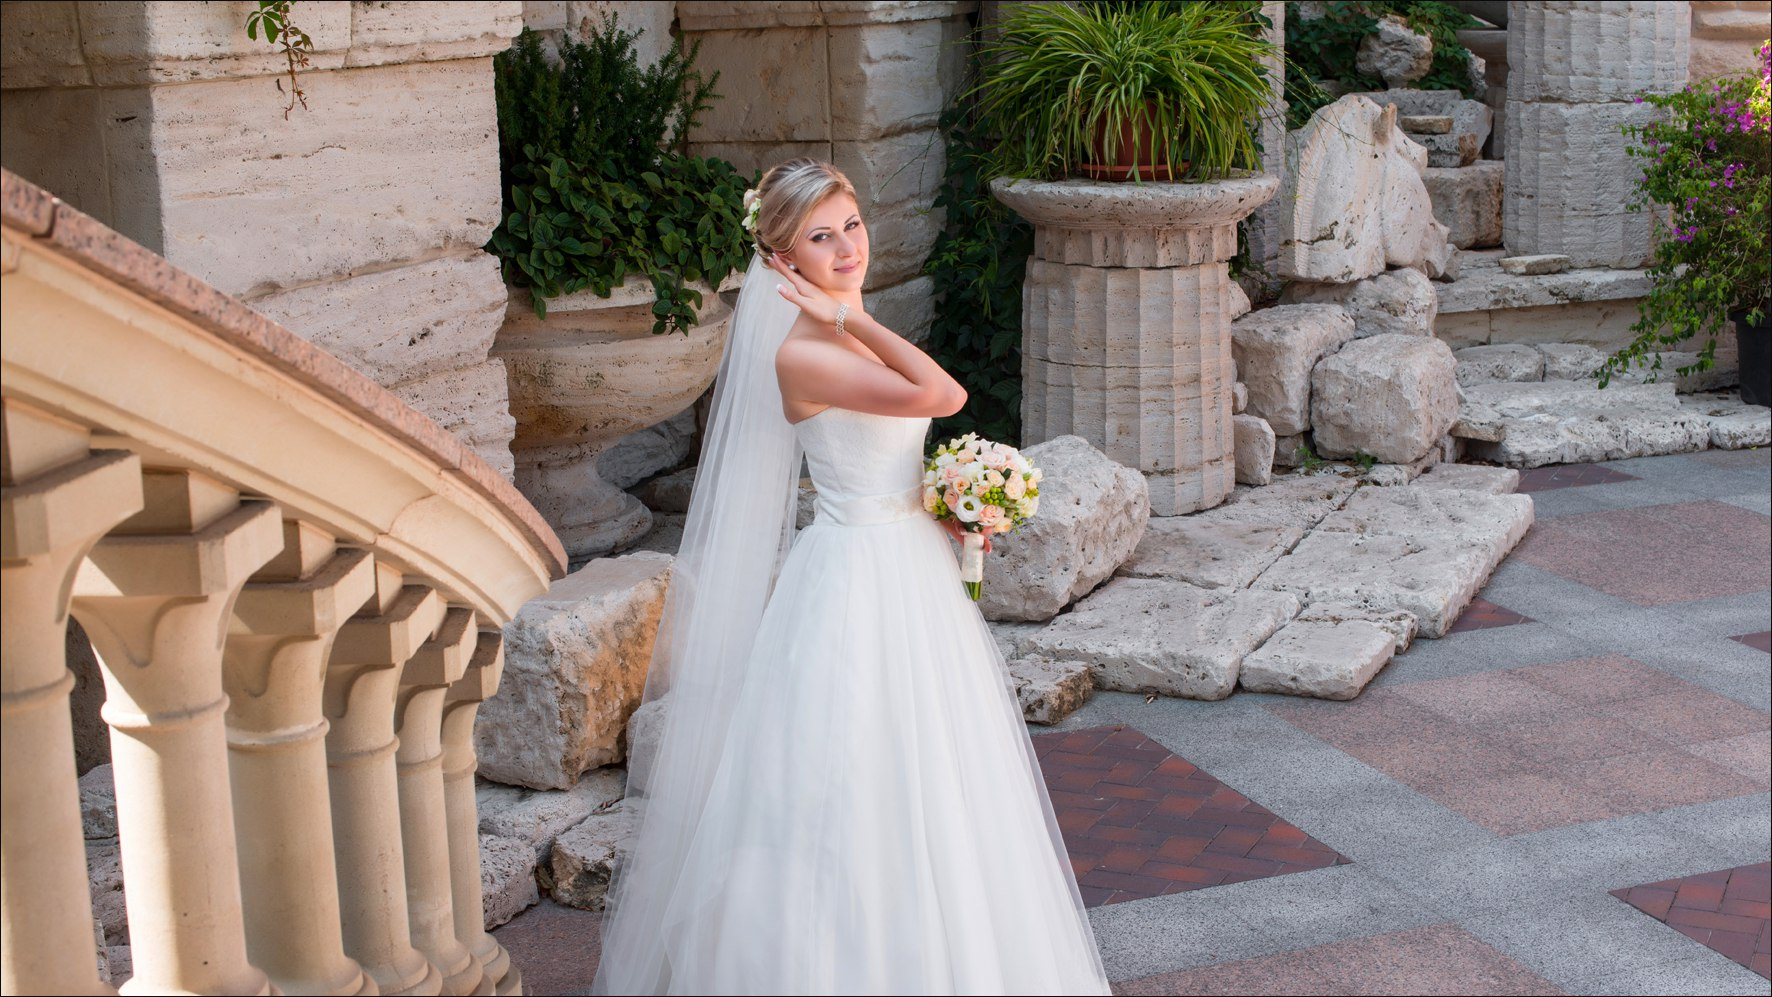 VBMsYVQ2Tx0 - Классика ошибок на свадебной фотосессии